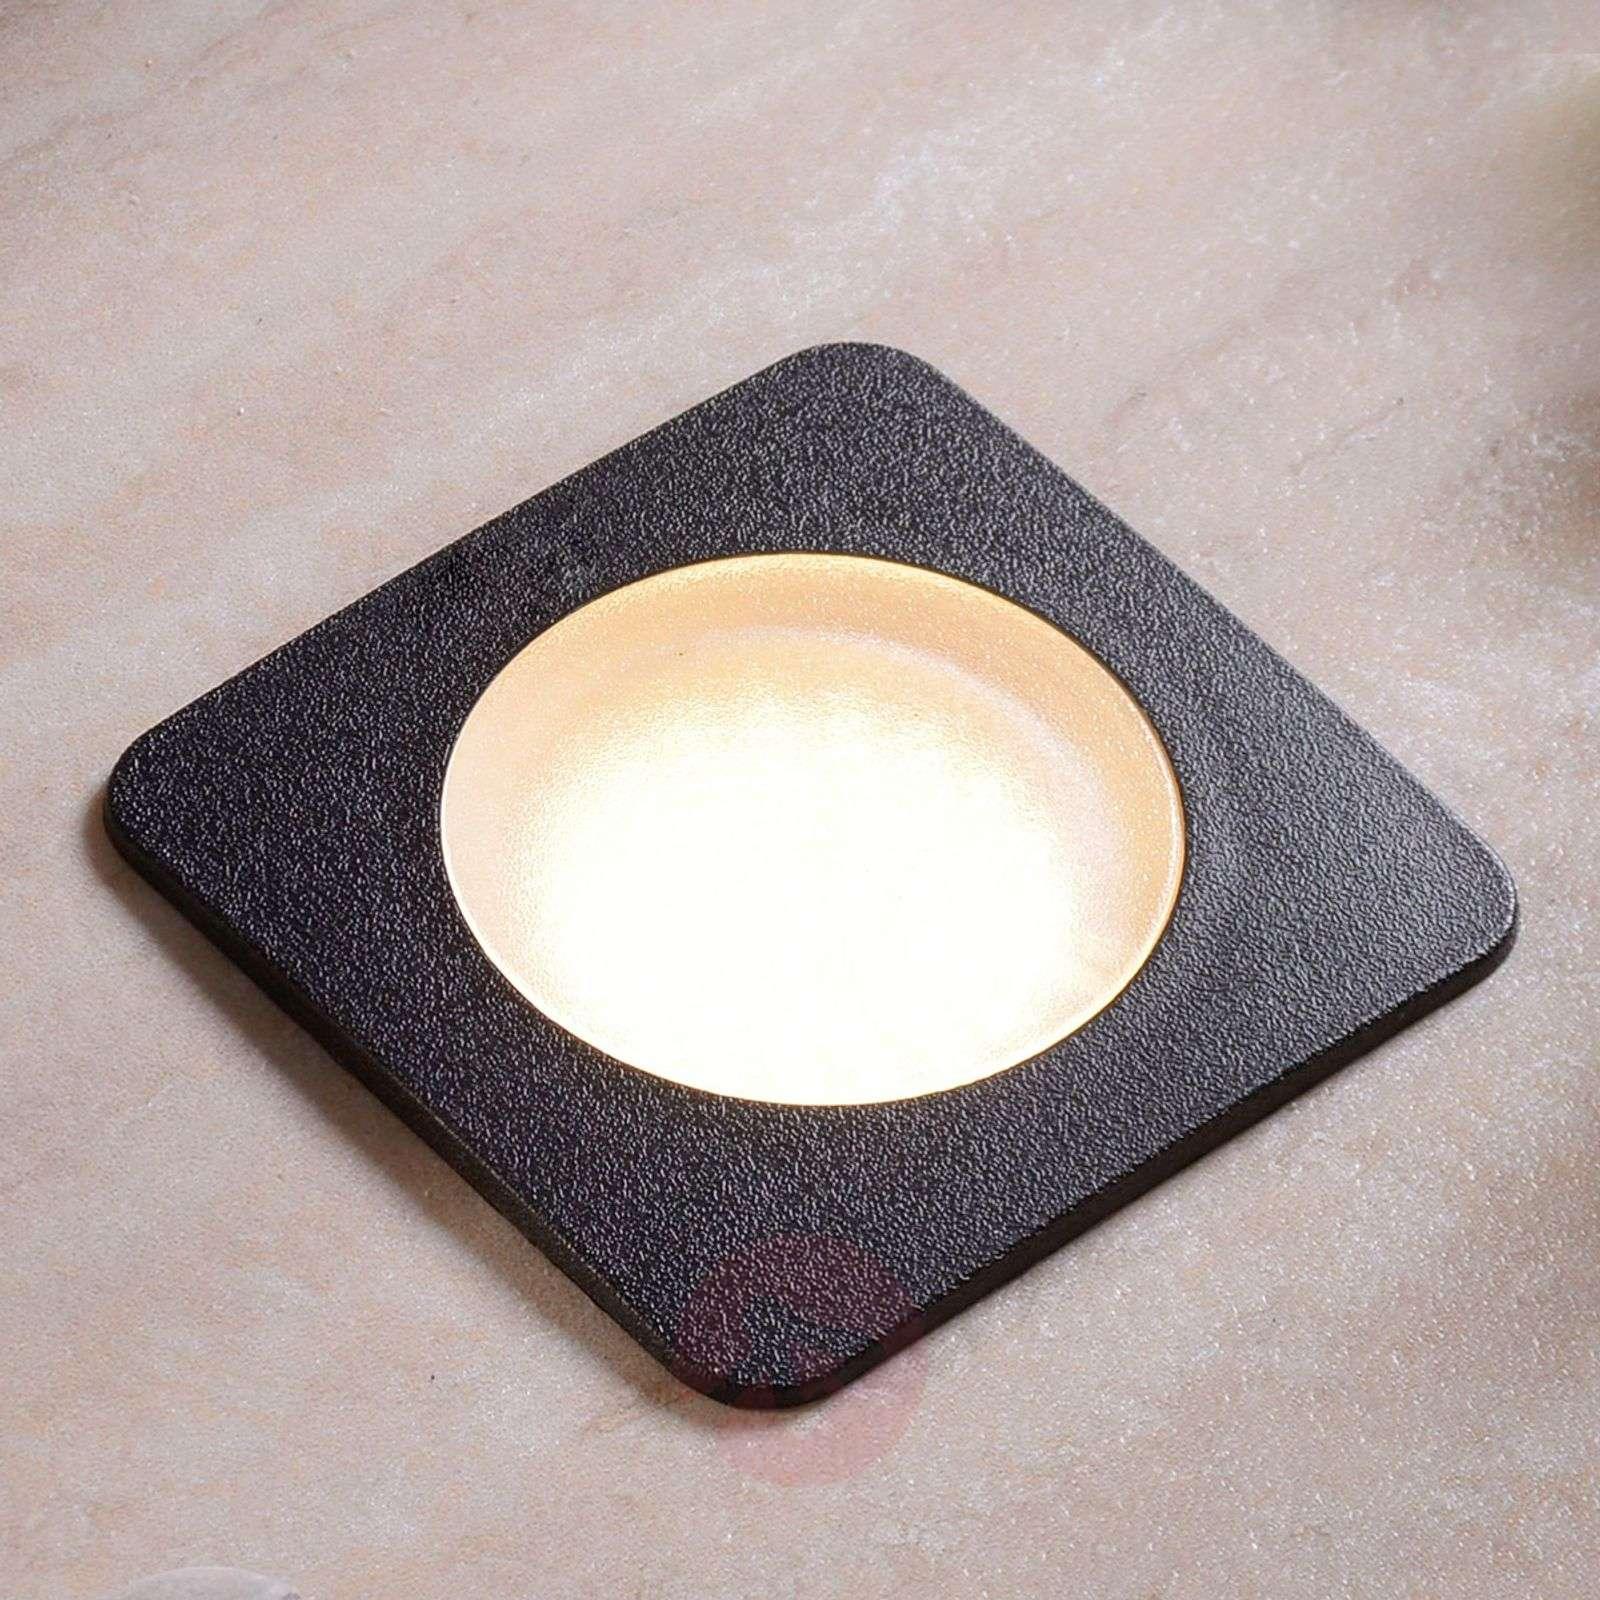 Square recessed floor light CECI 120-SQ blk.-3538039-01